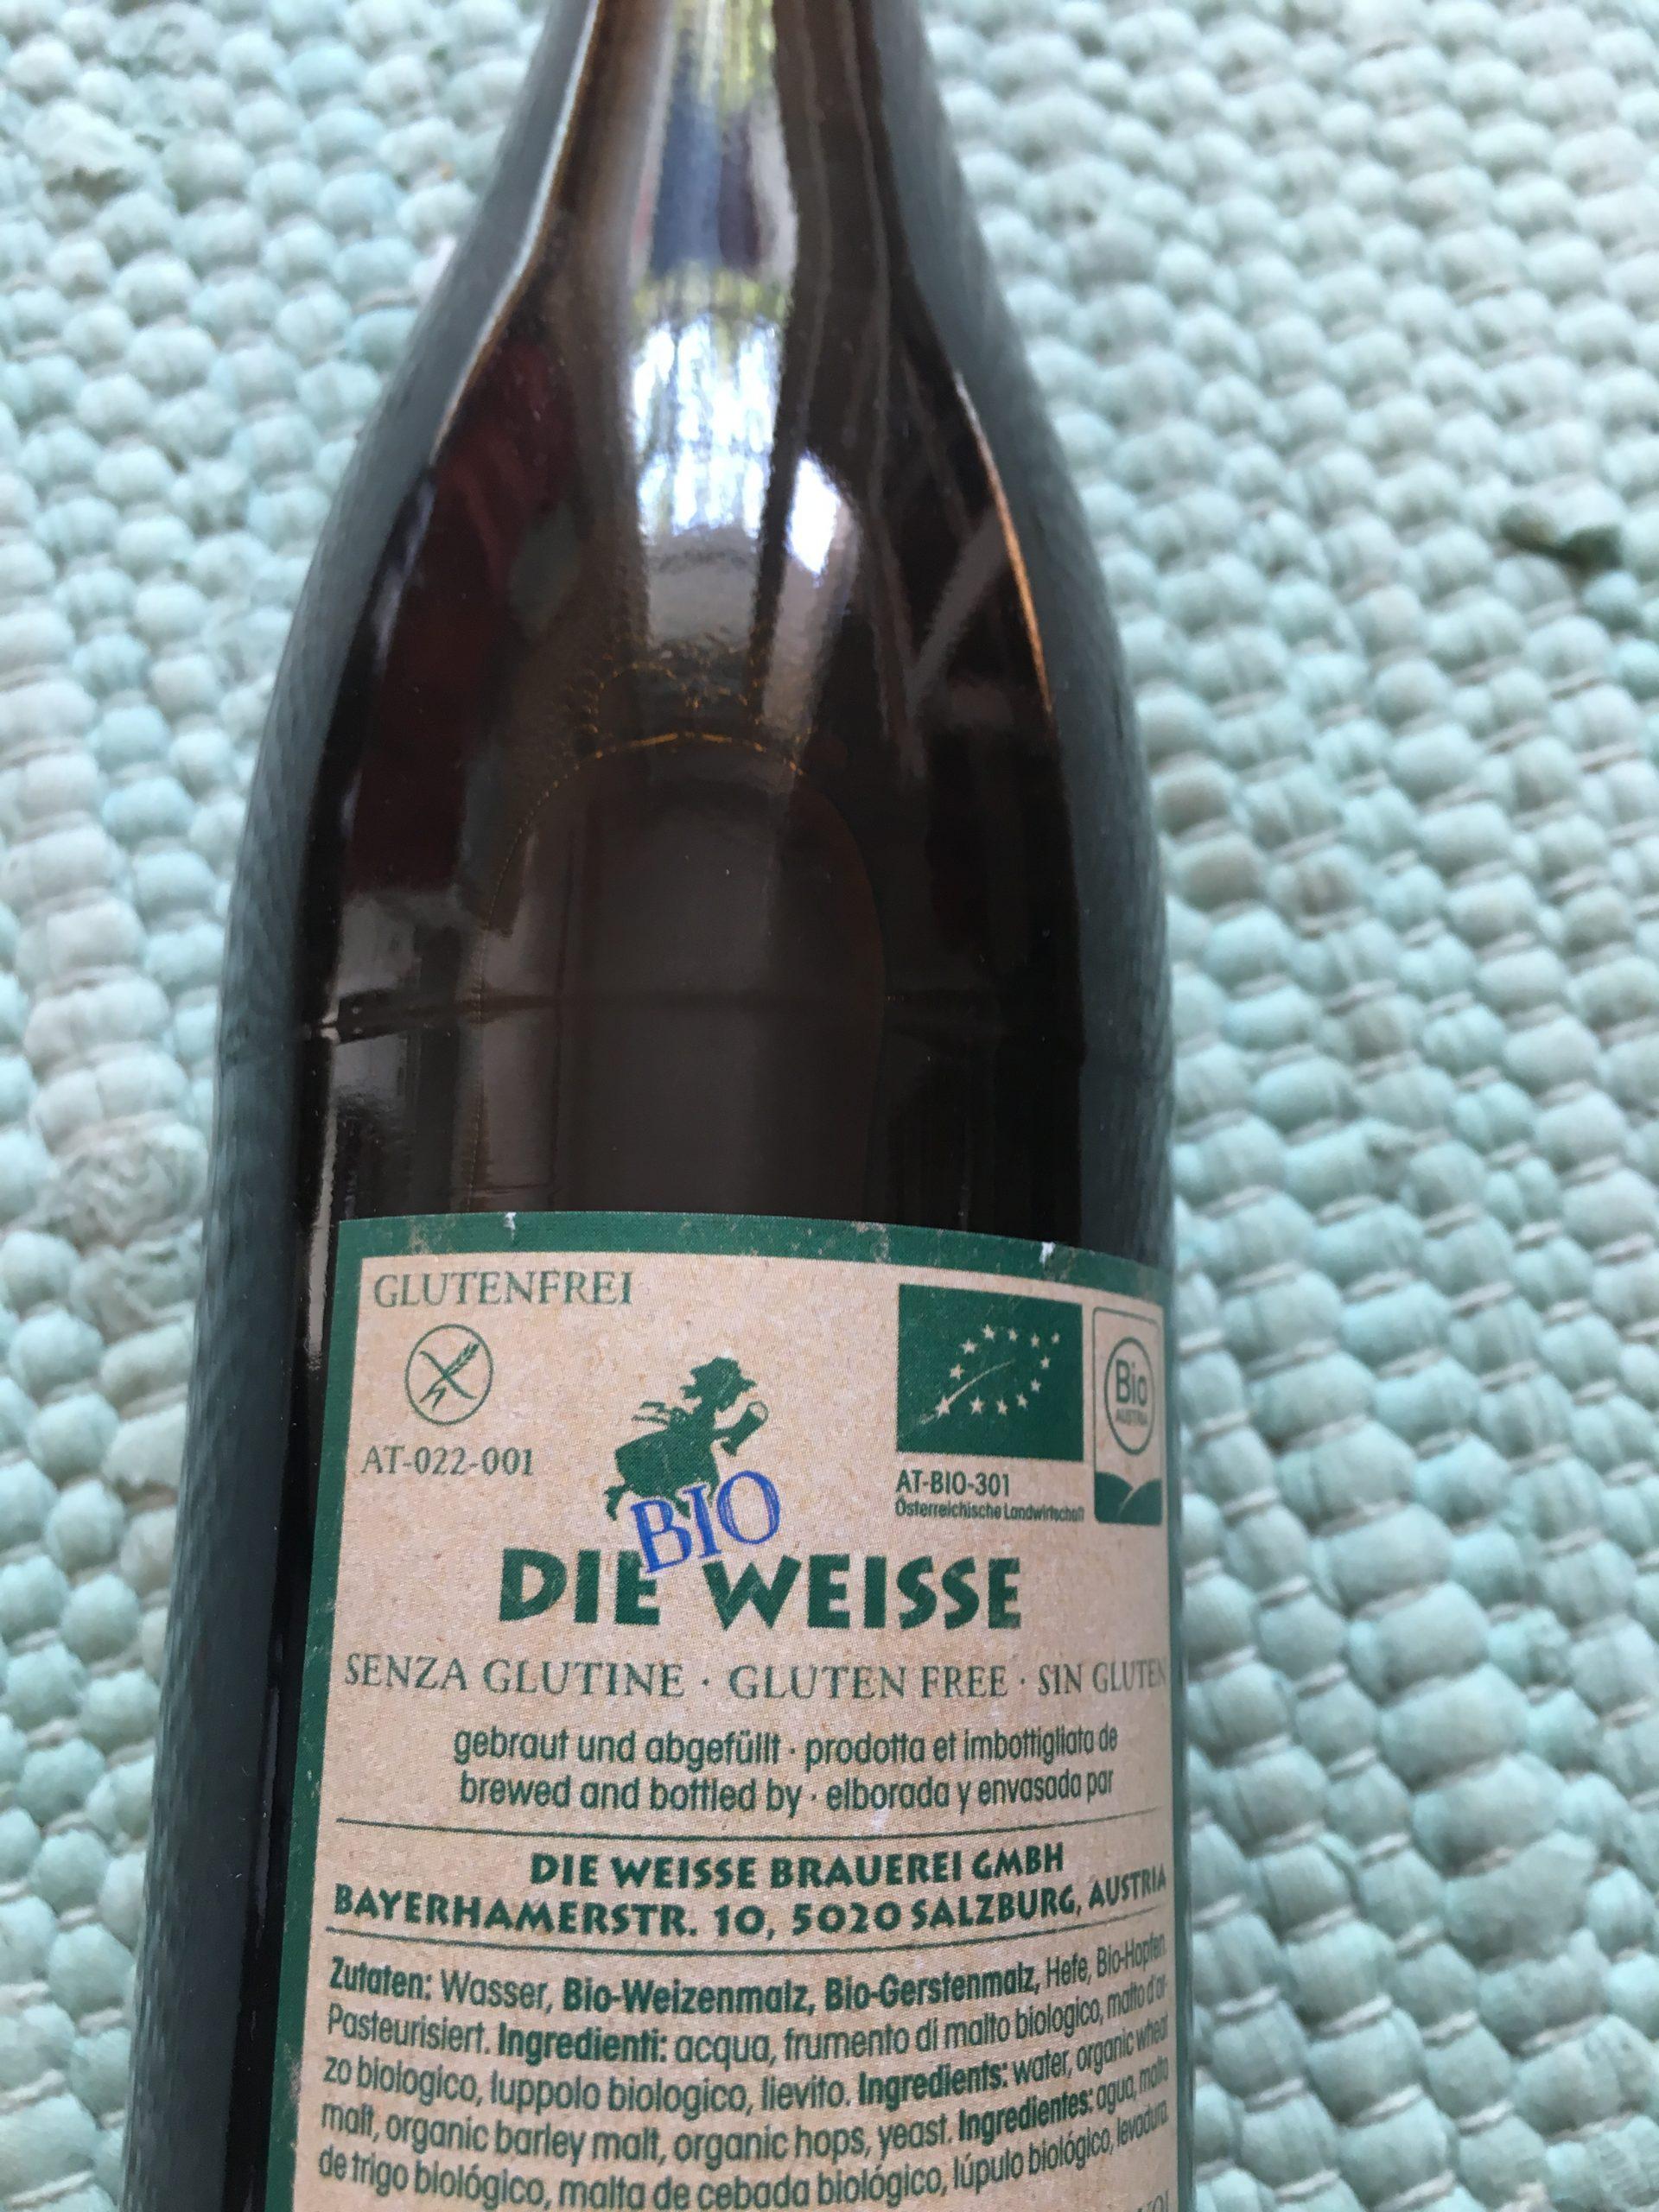 Die Weisse - glutenfreies Bier trotz Weizen und Gerste